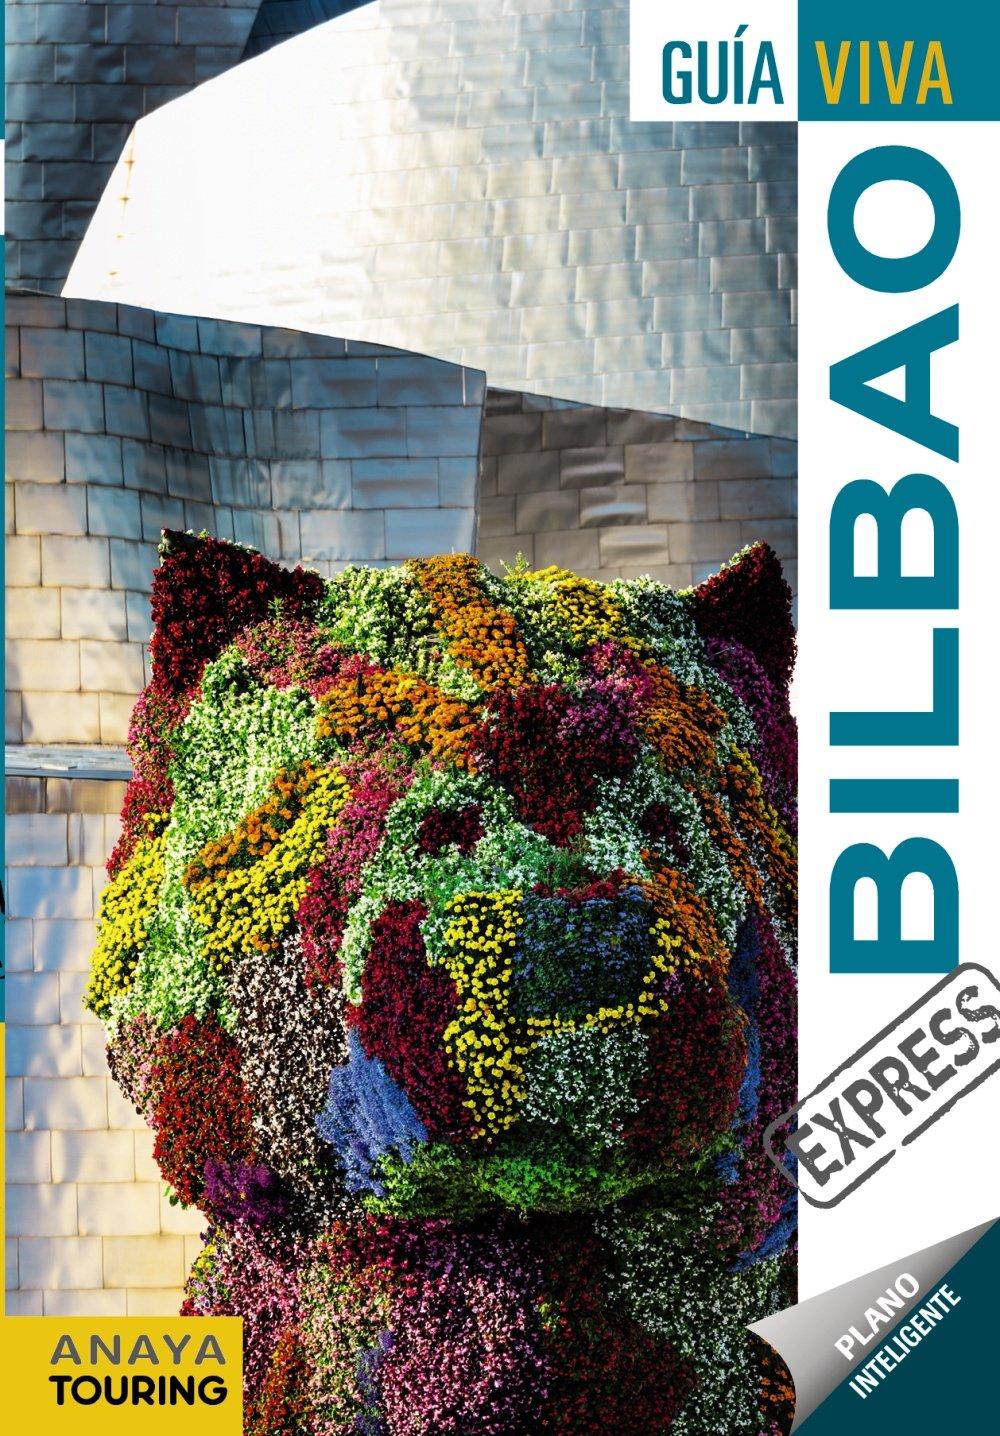 Bilbao (Guía Viva Express - España): Amazon.es: Anaya Touring, Gómez, Iñaki, Ribes, Francesc, García Arrabal, Olga: Libros